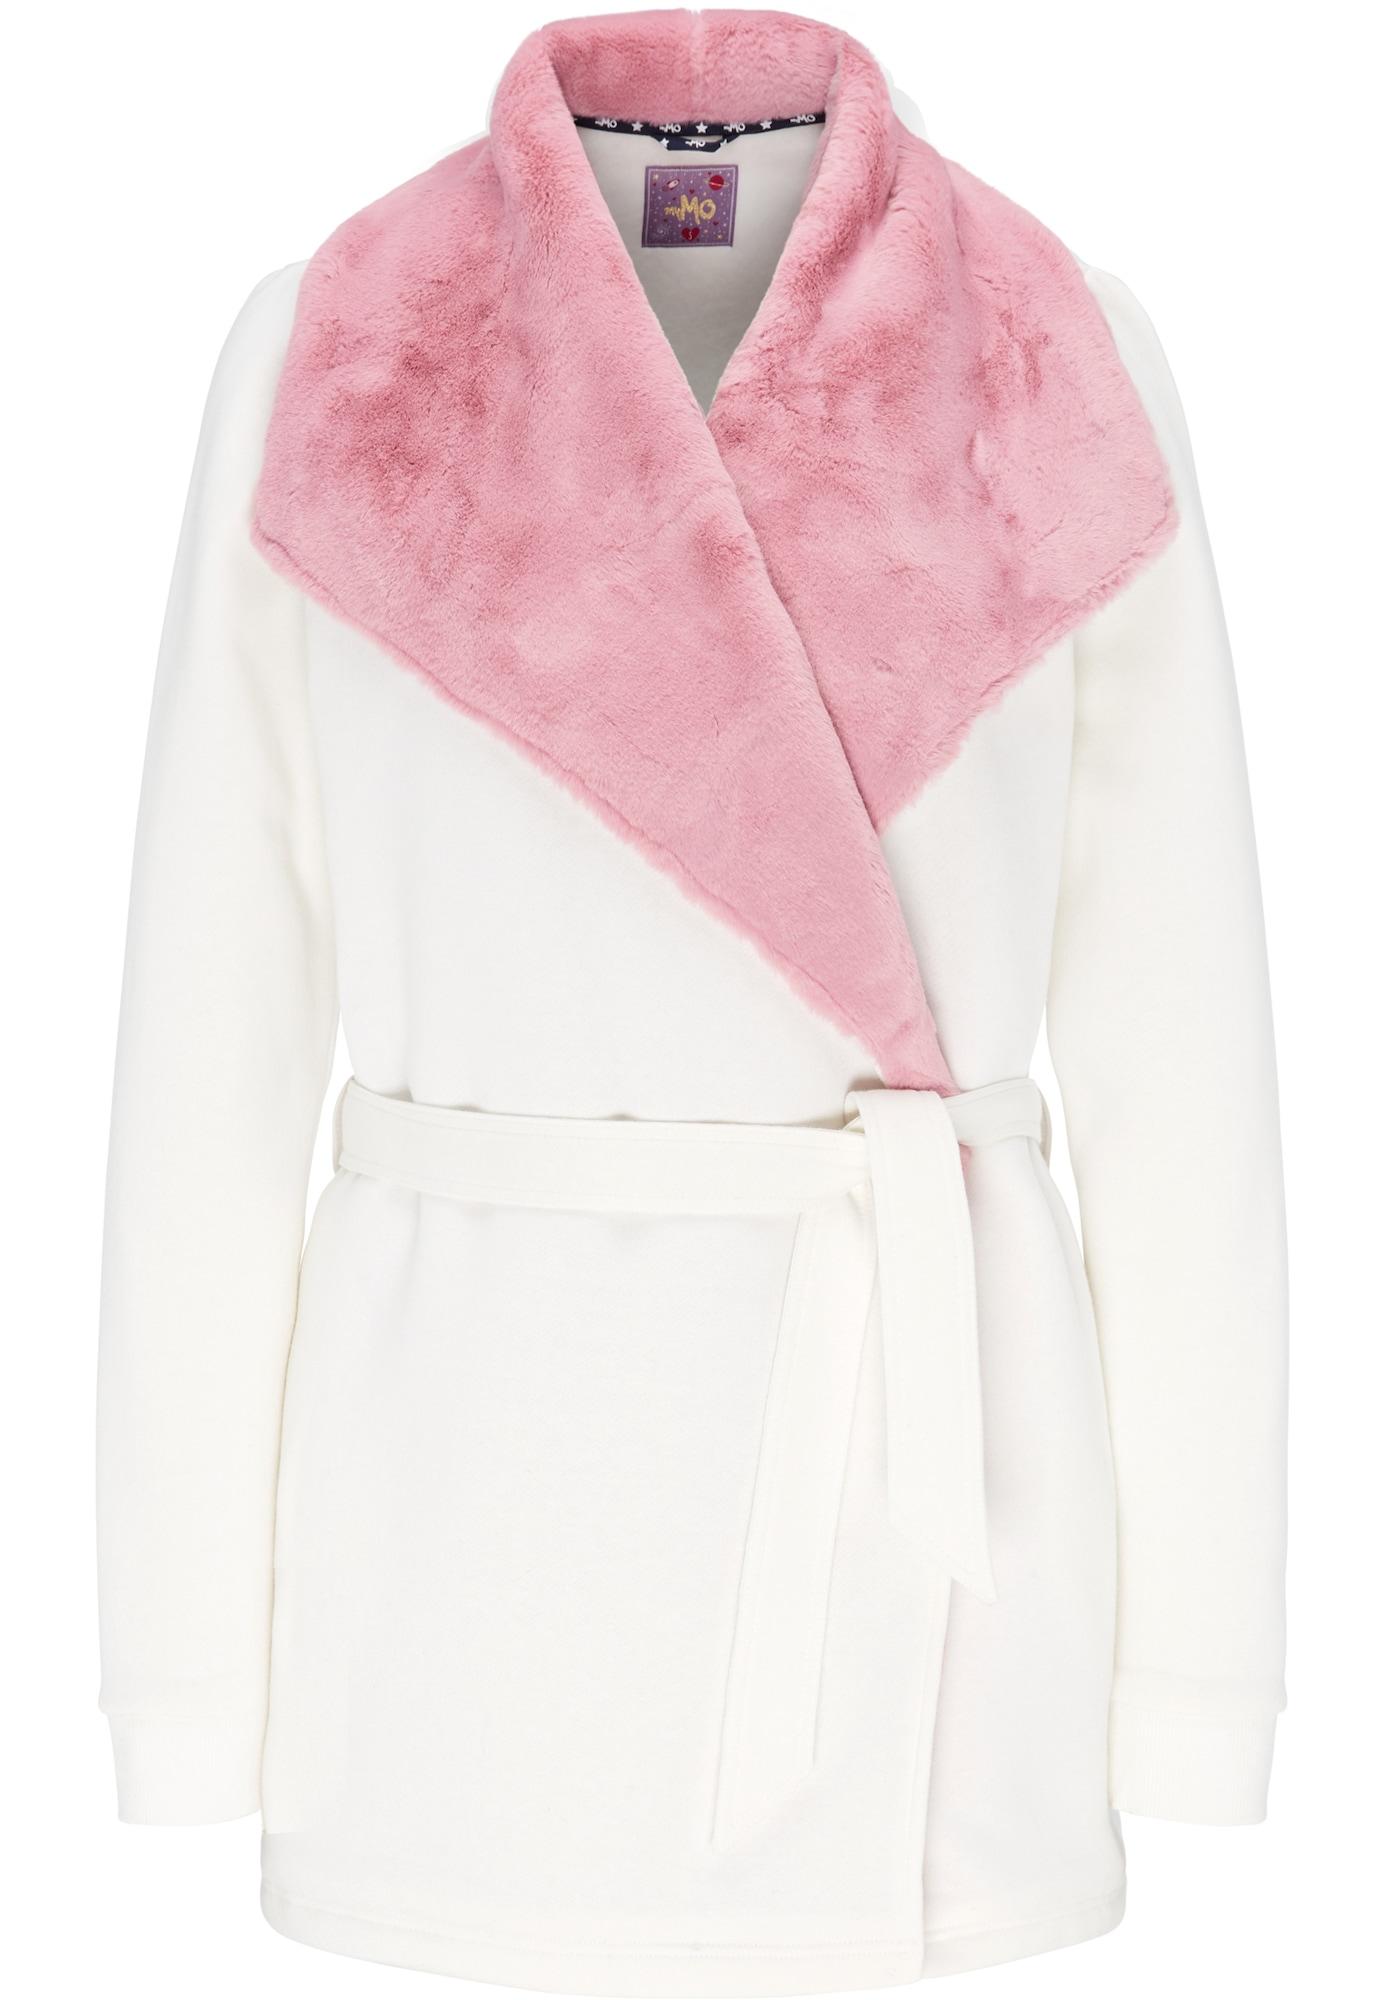 MYMO Džemperis balta / rožių spalva